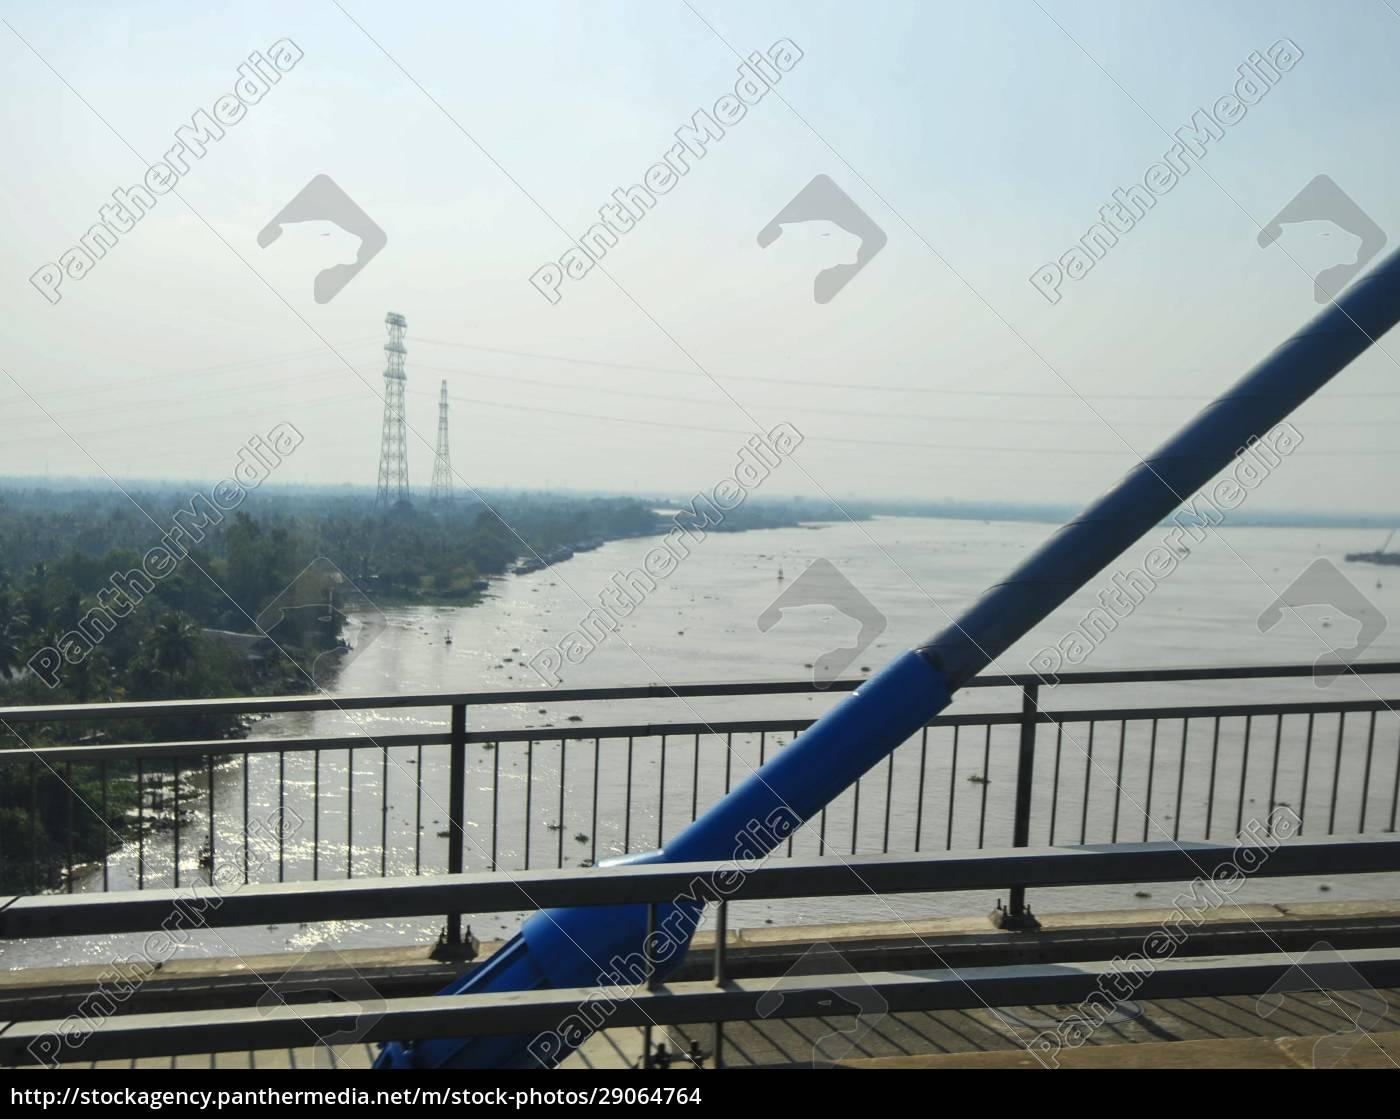 bridge, as, a, structure, that, crosses - 29064764